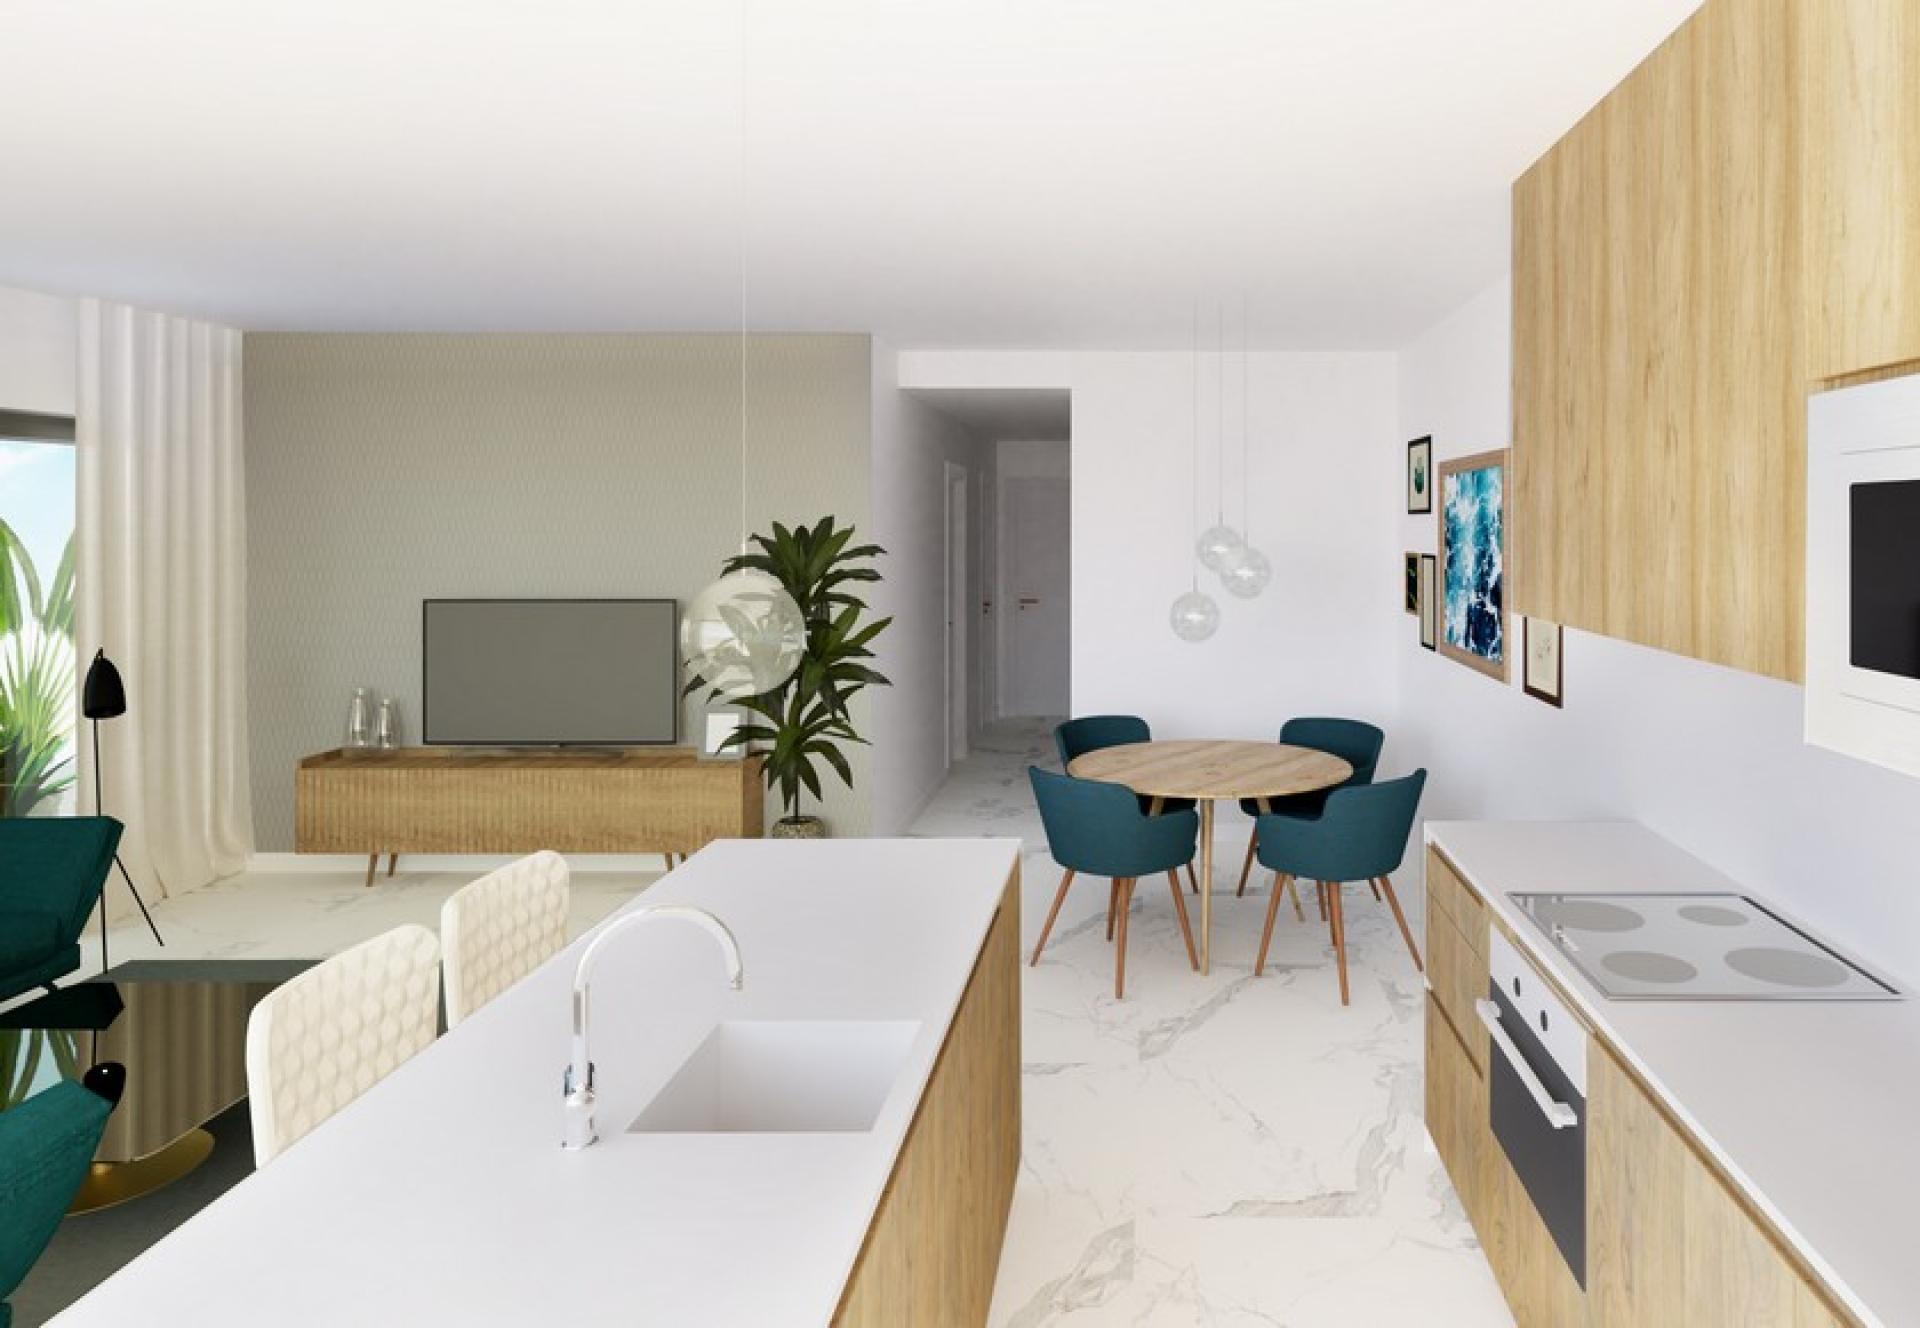 Appartementen te koop Guardamar del Segura, Spanje in Medvilla Spanje